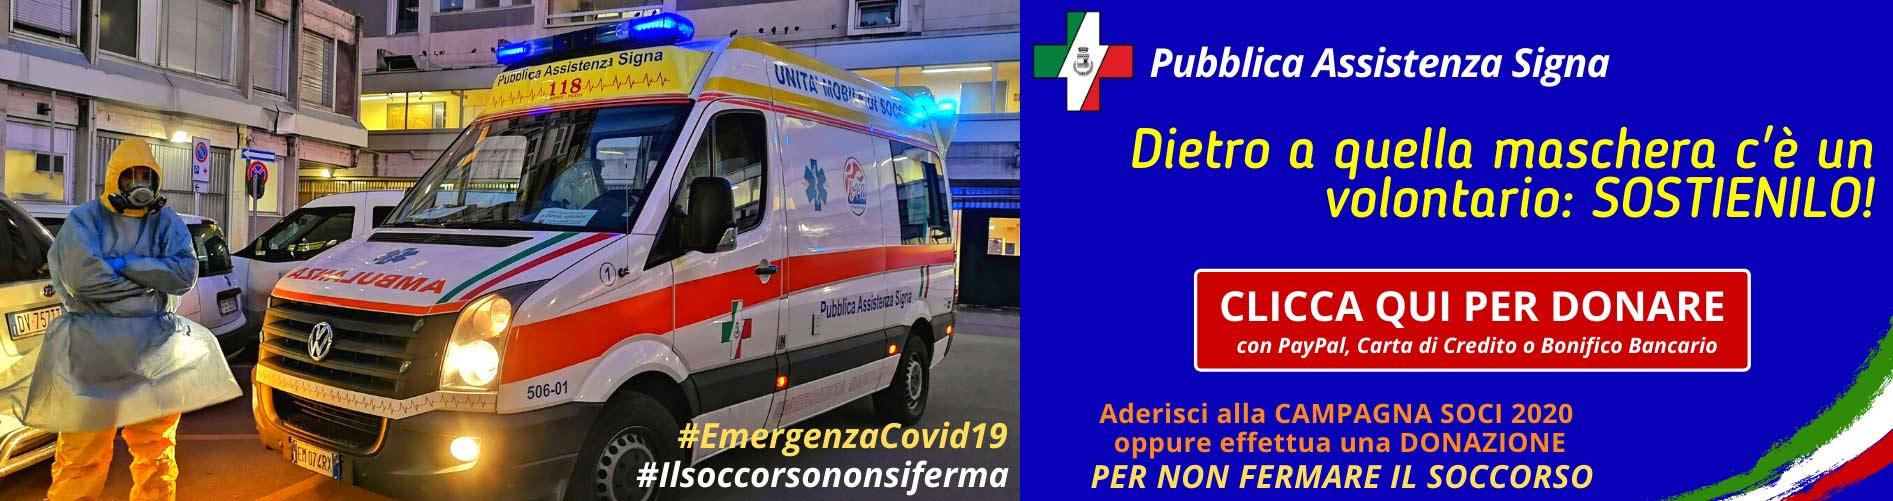 Banner Donazioni Covid19